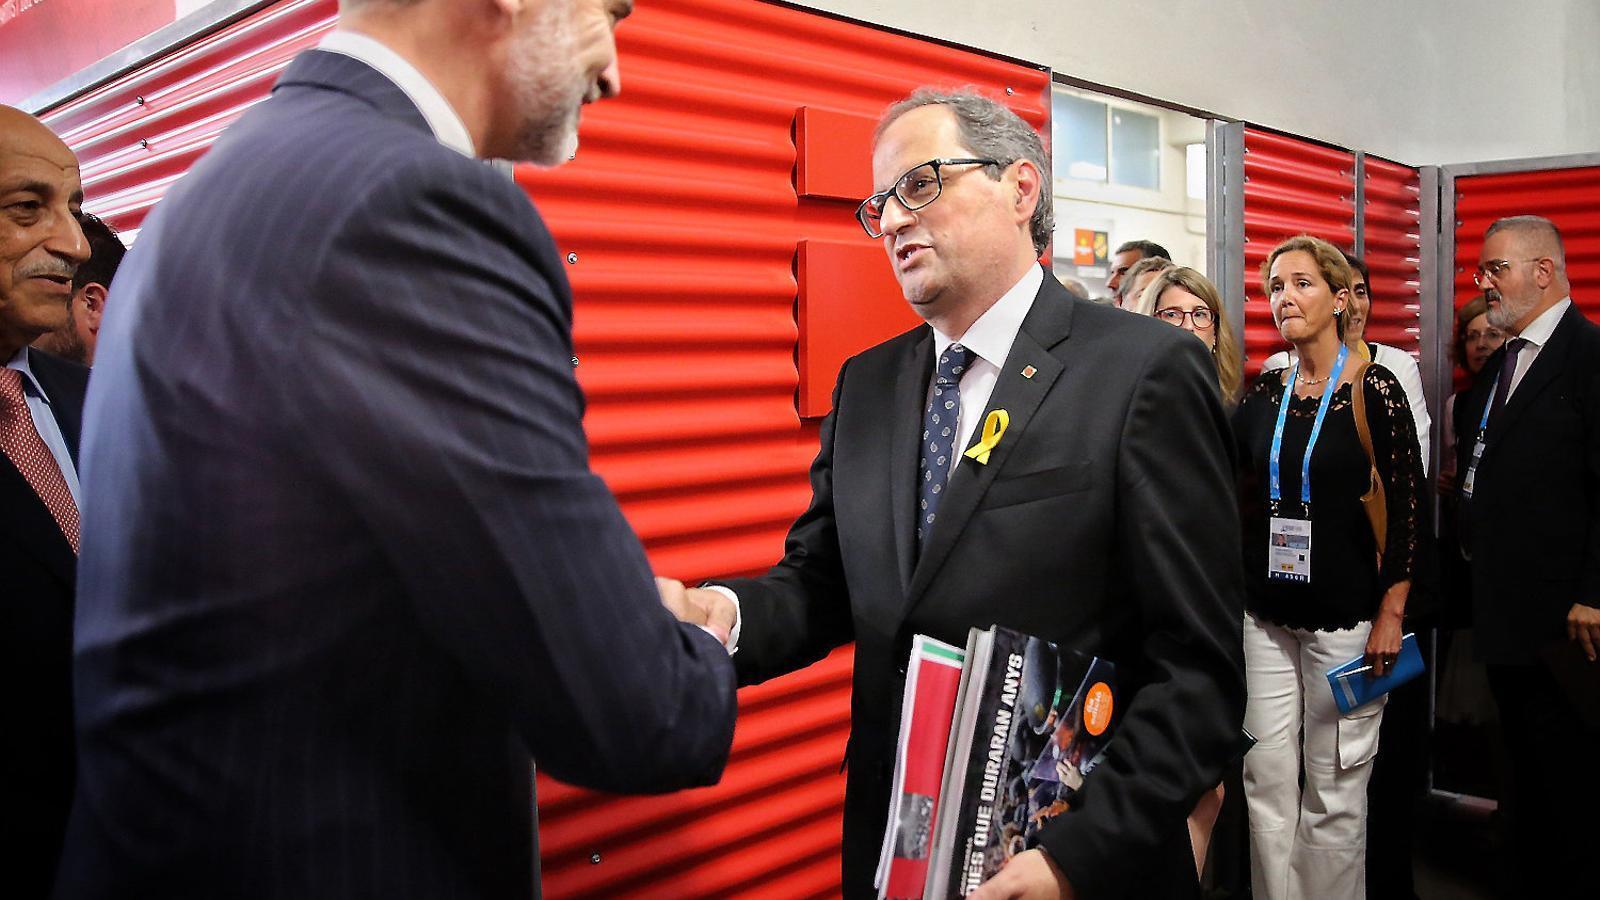 El president, Quim Torra, entregant els informes del Síndic de Greuges al rei FelipVI a Tarragona.